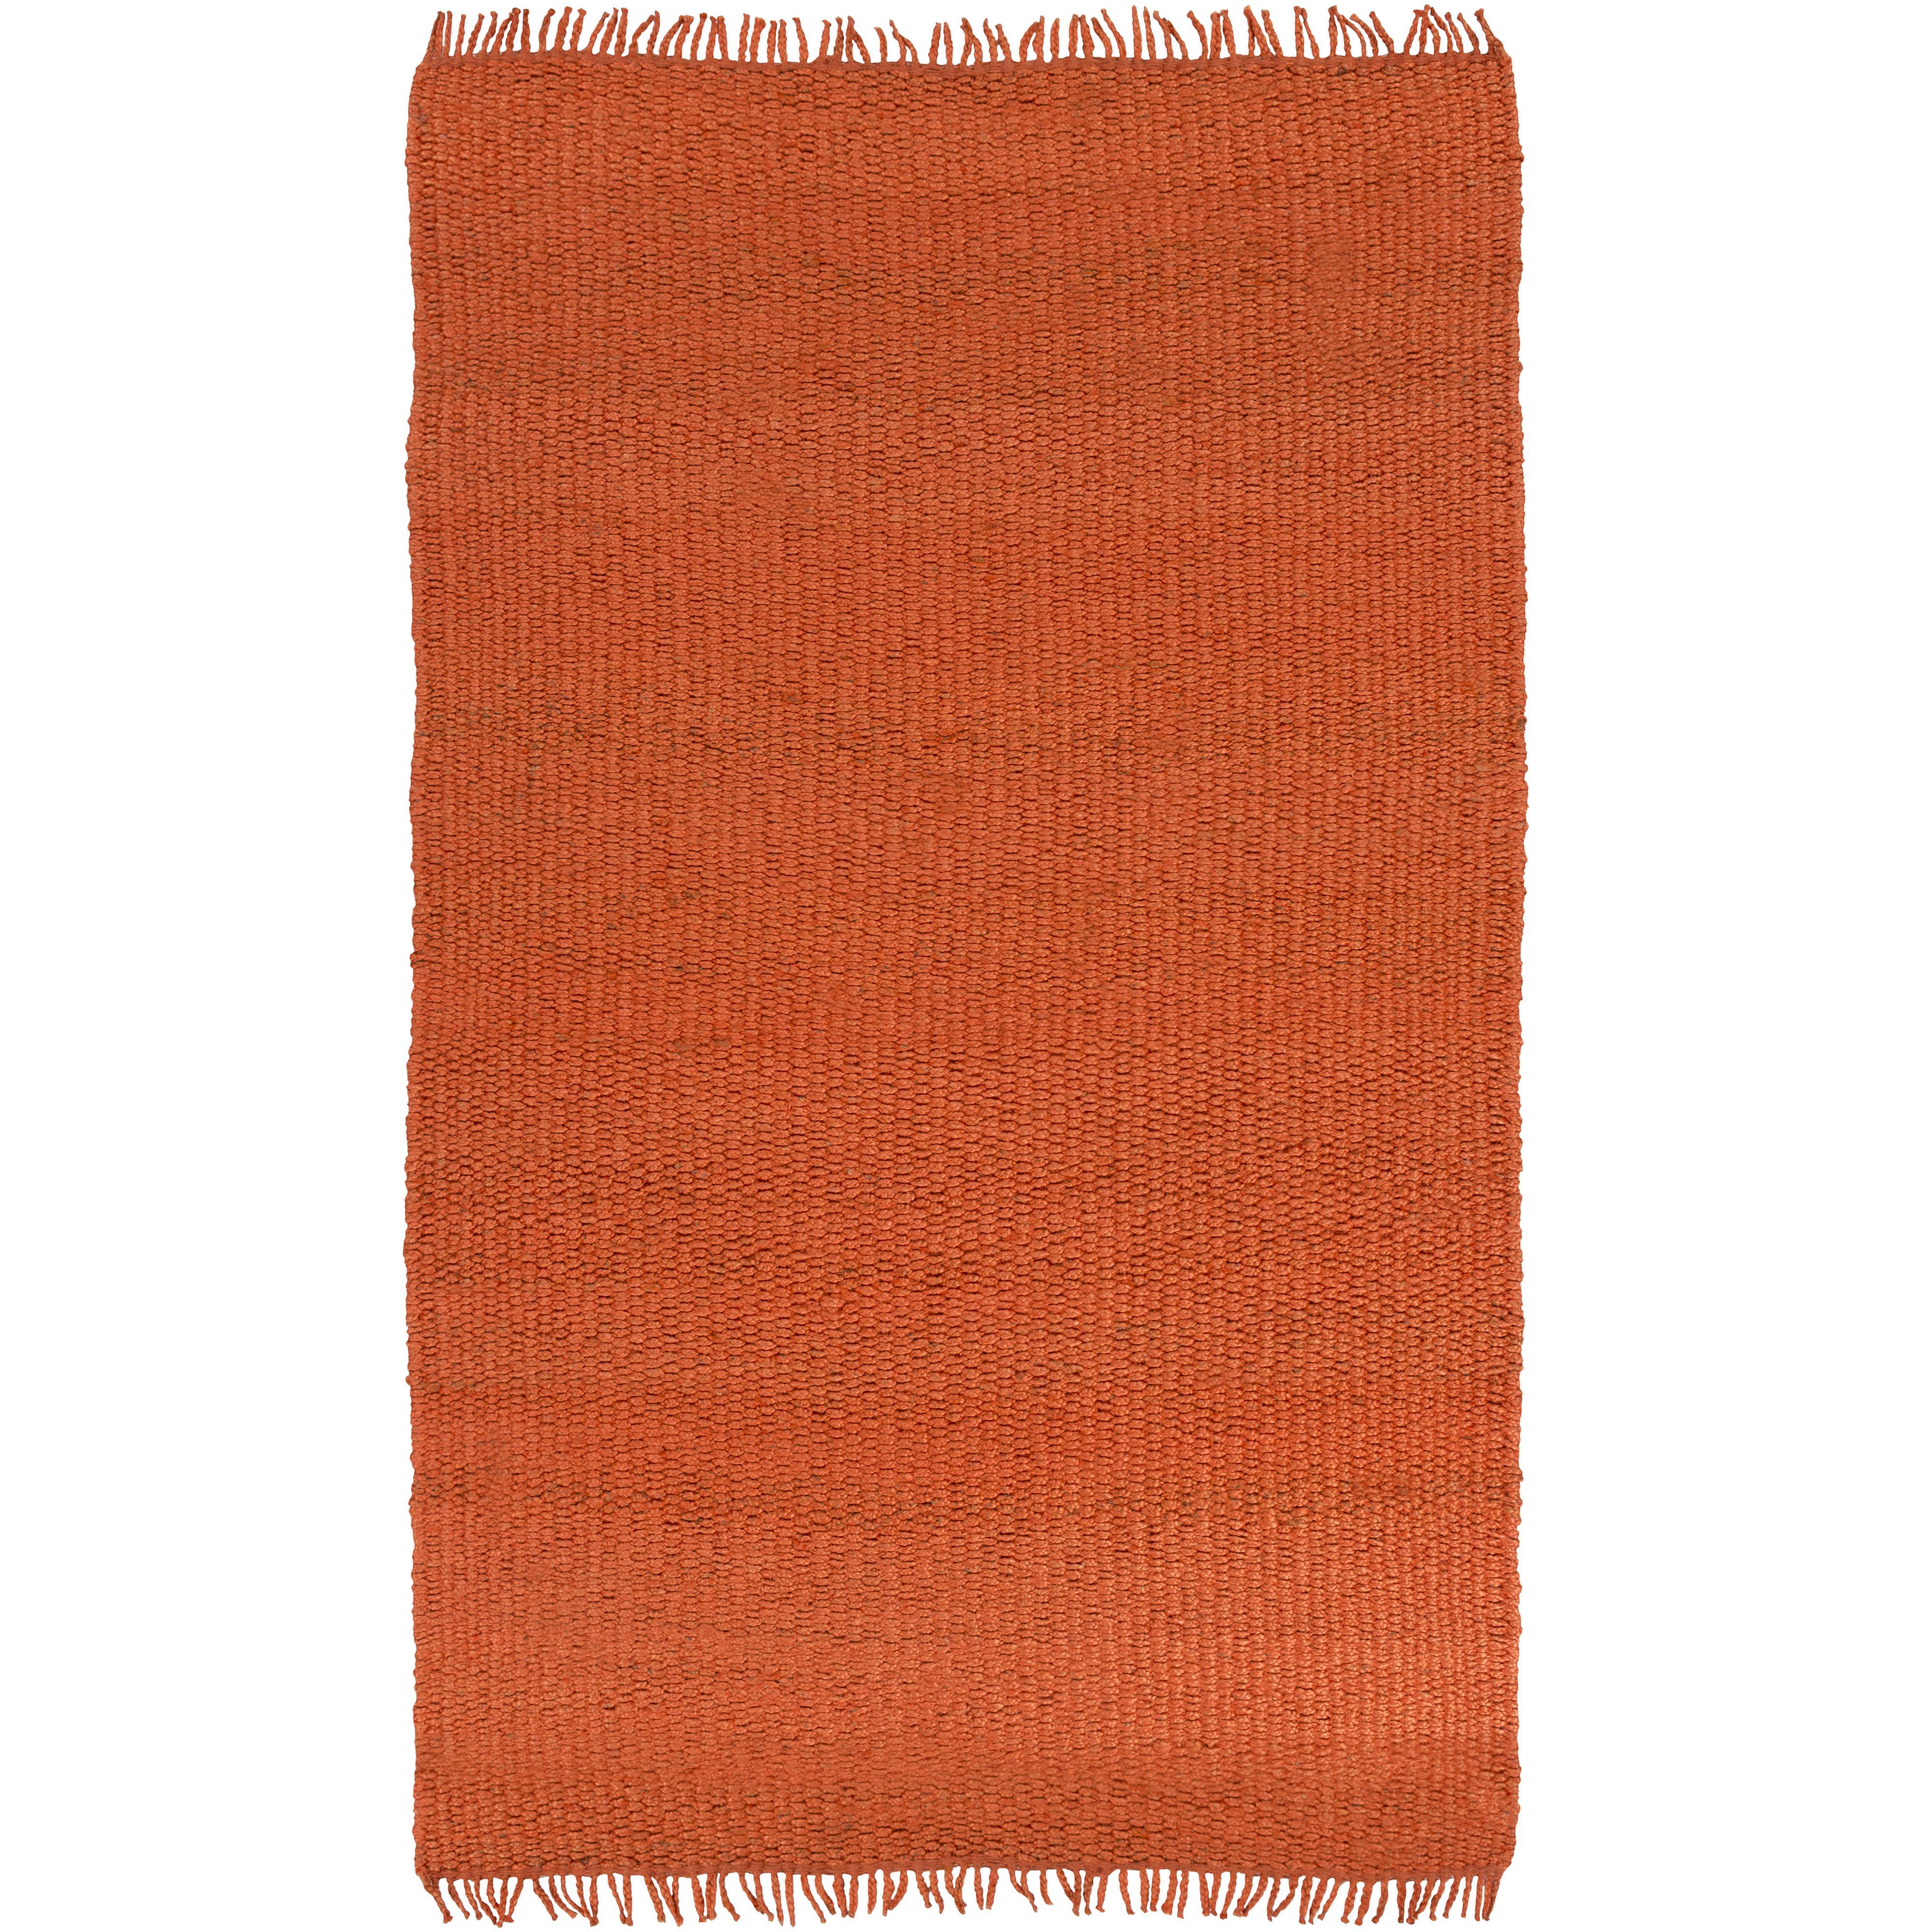 Surya Rugs Maui 8' x 11' - Item Number: MAU3003-811